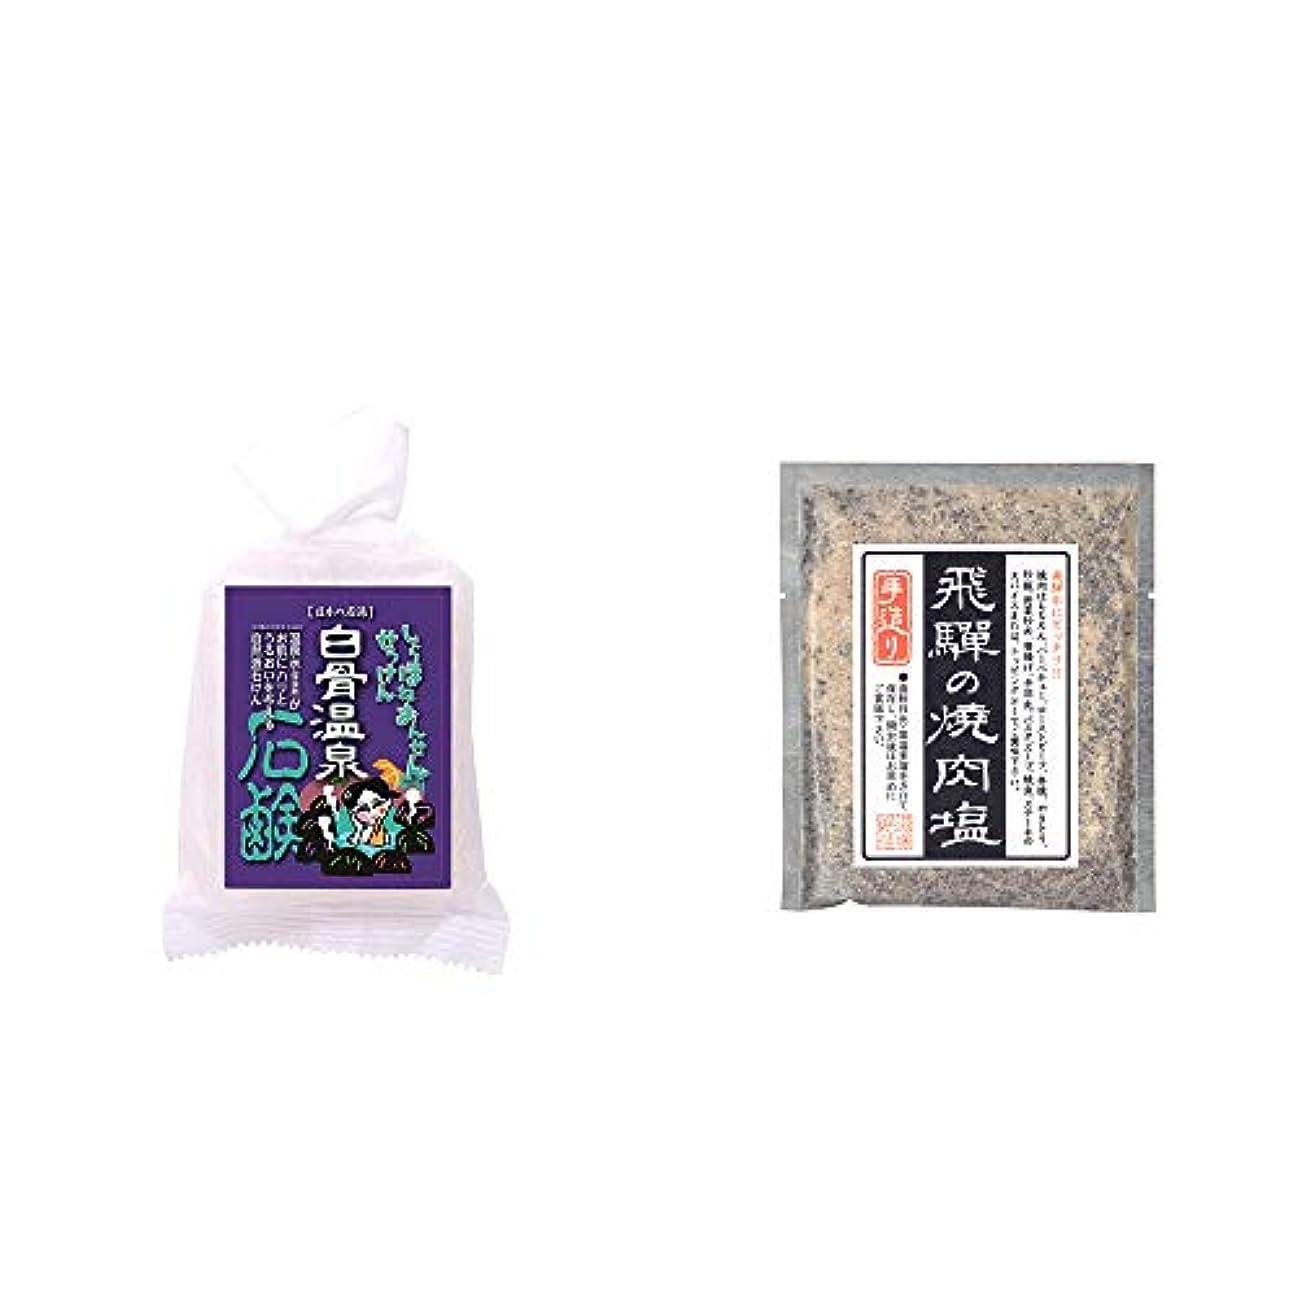 回転させる相談するポジション[2点セット] 信州 白骨温泉石鹸(80g)?手造り 飛騨の焼肉塩(80g)